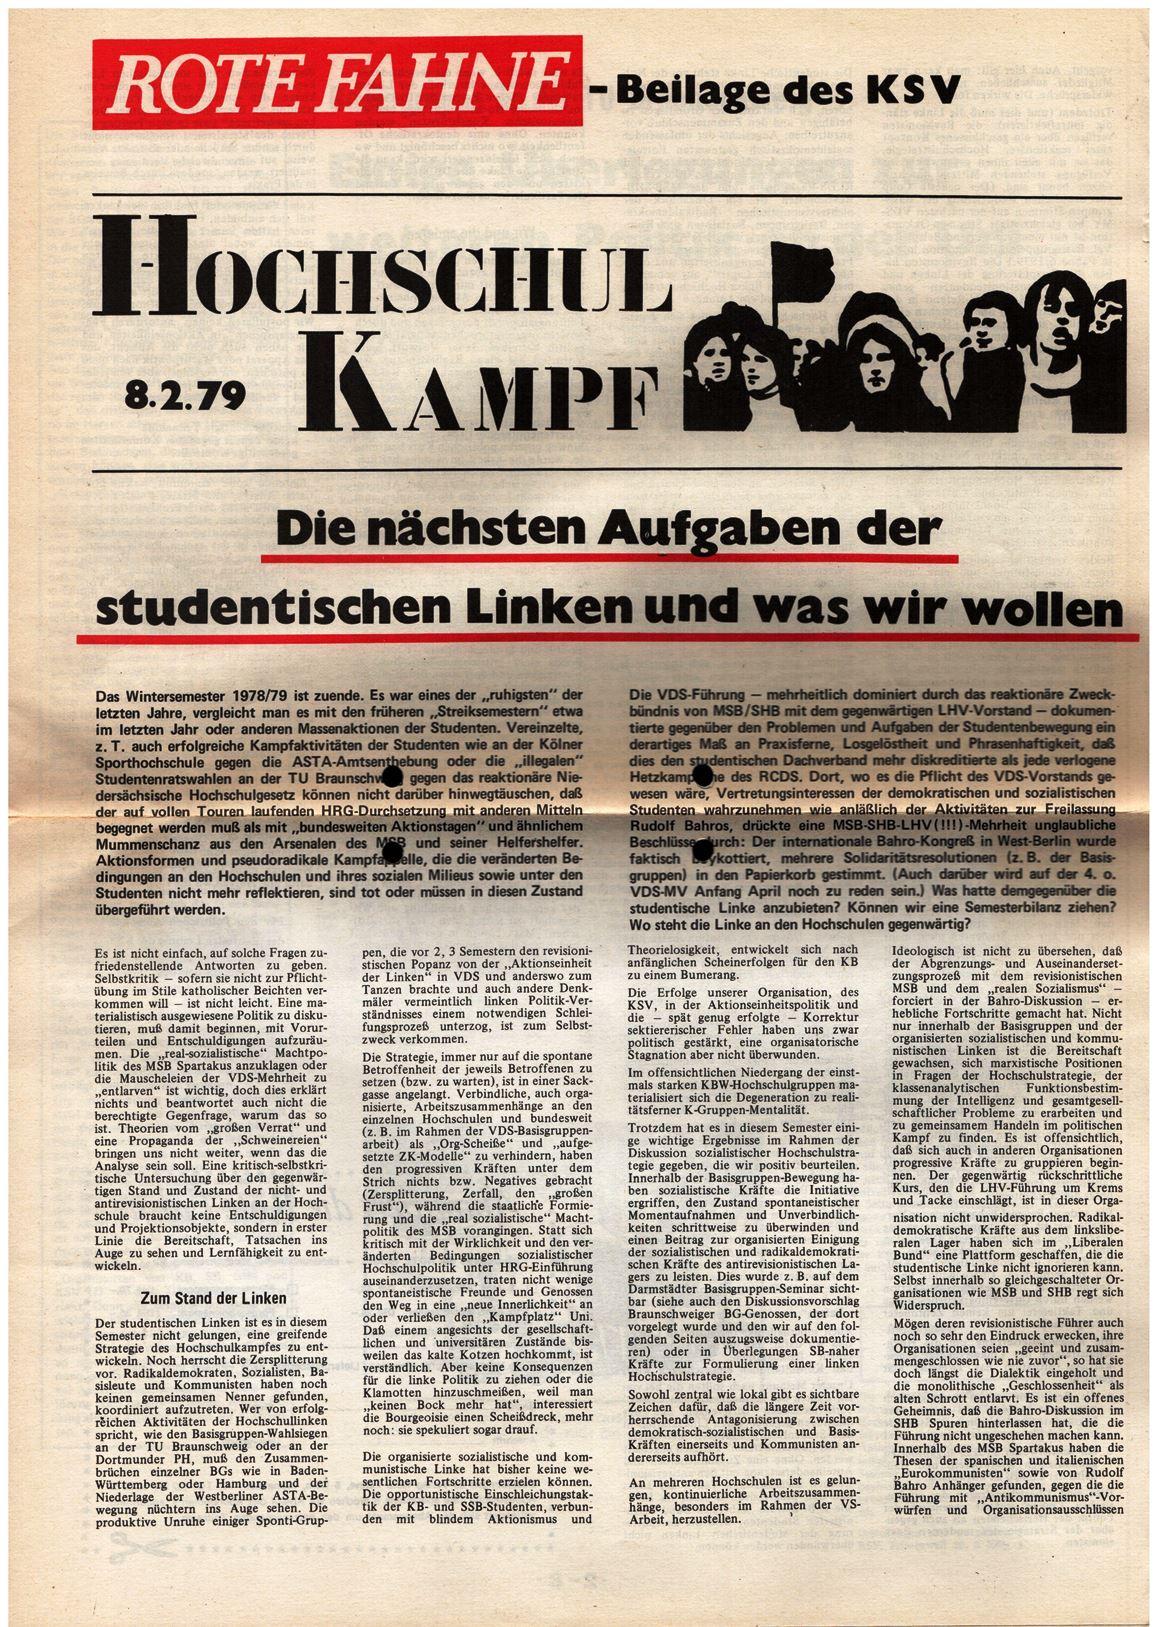 KSV_Hochschulkampf005